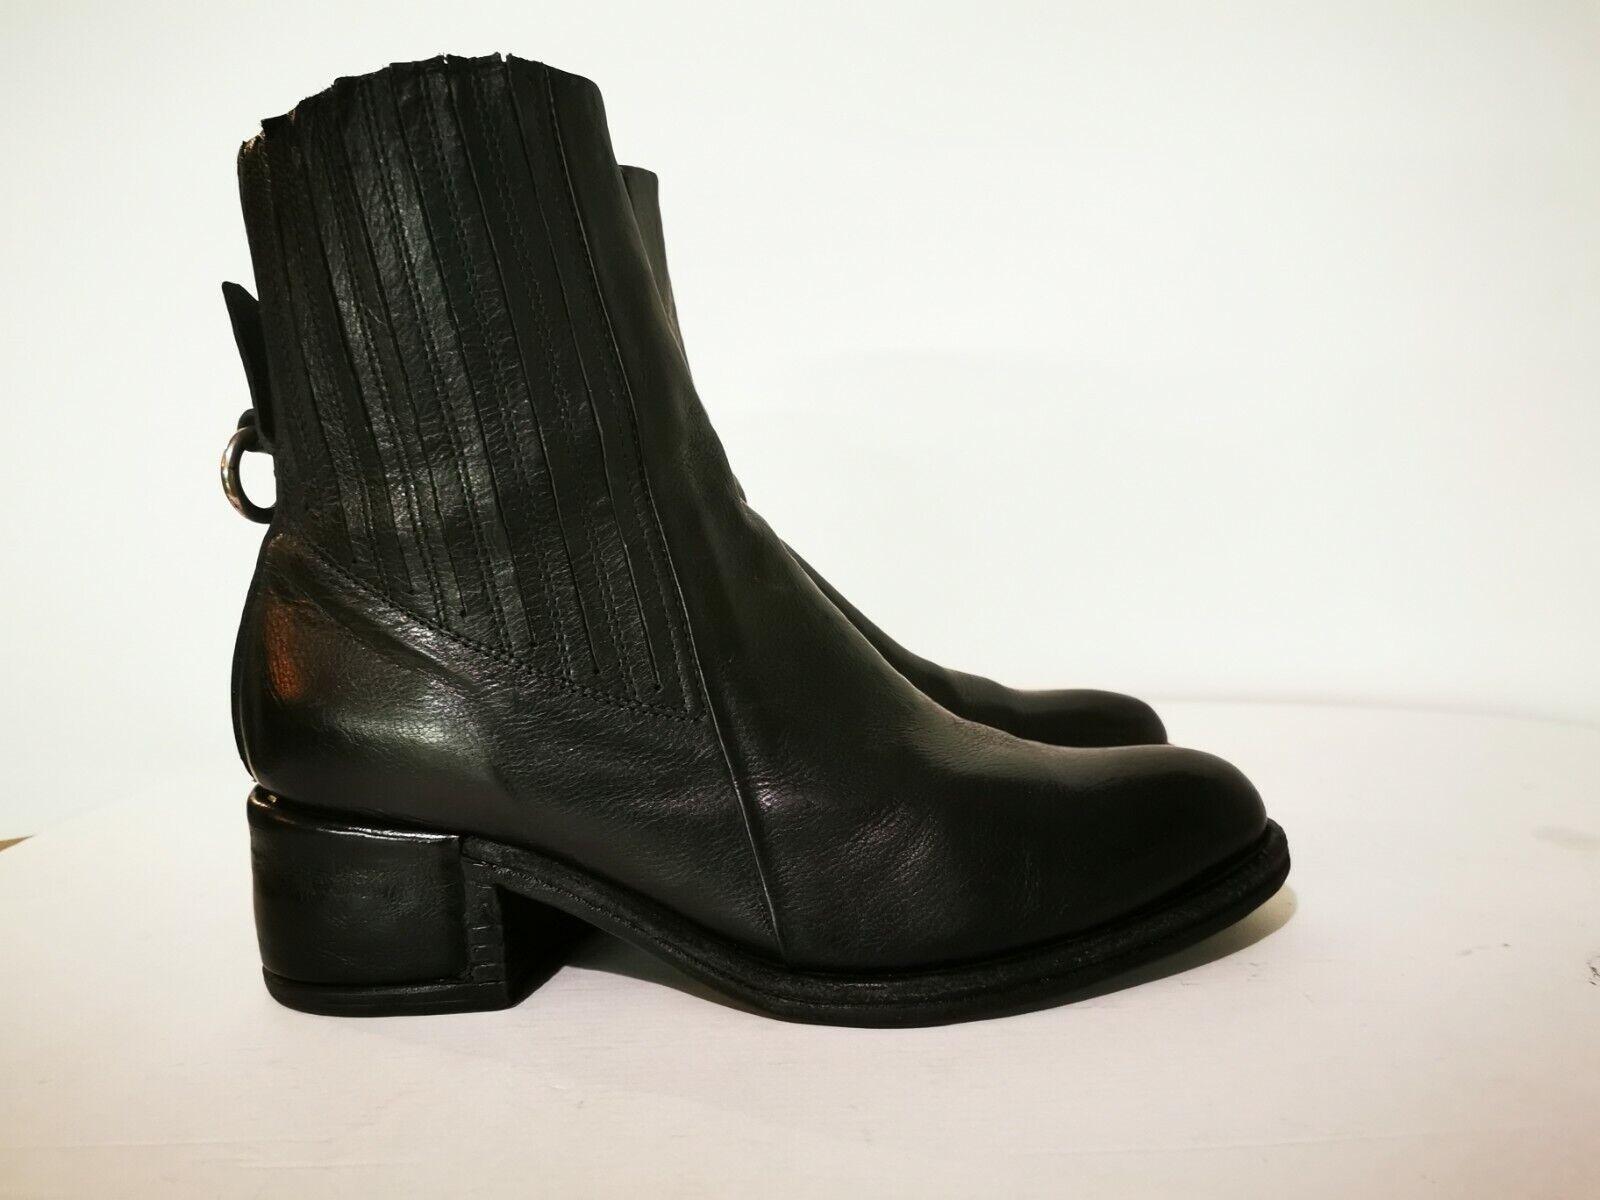 ! novedad! Airstep/a.s.98 sueño negro cuero genuino botines, talla 41, np 260